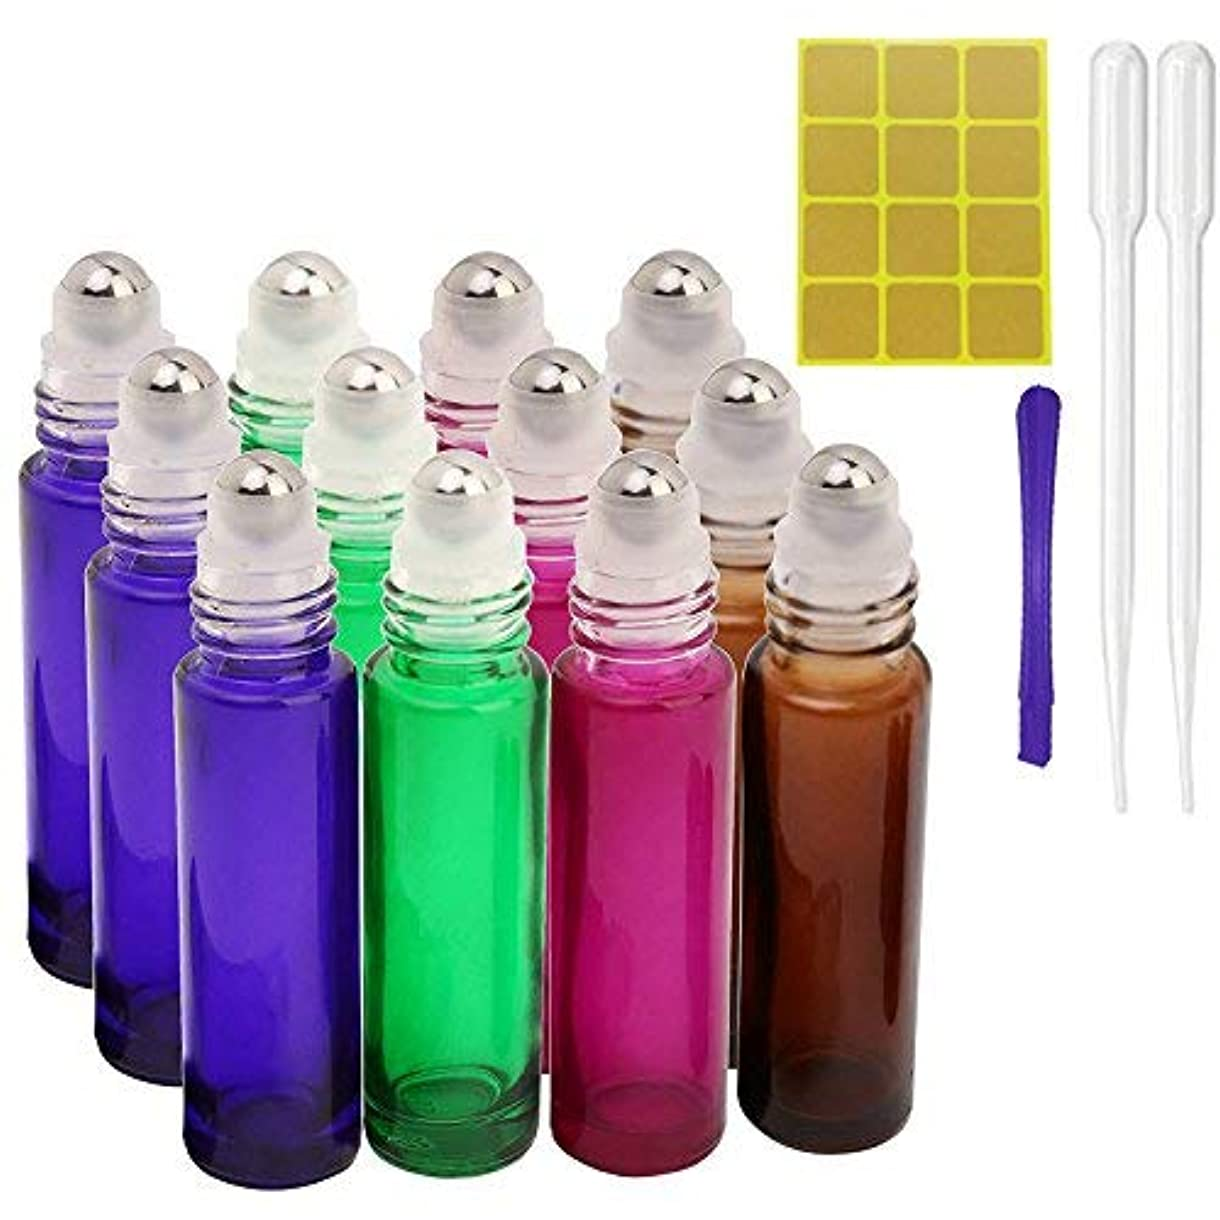 自慢側面感性12, 10ml Roller Bottles for Essential Oils - Glass Refillable Roller on Bottles with 1 Opener, 2 Droppers, 24...